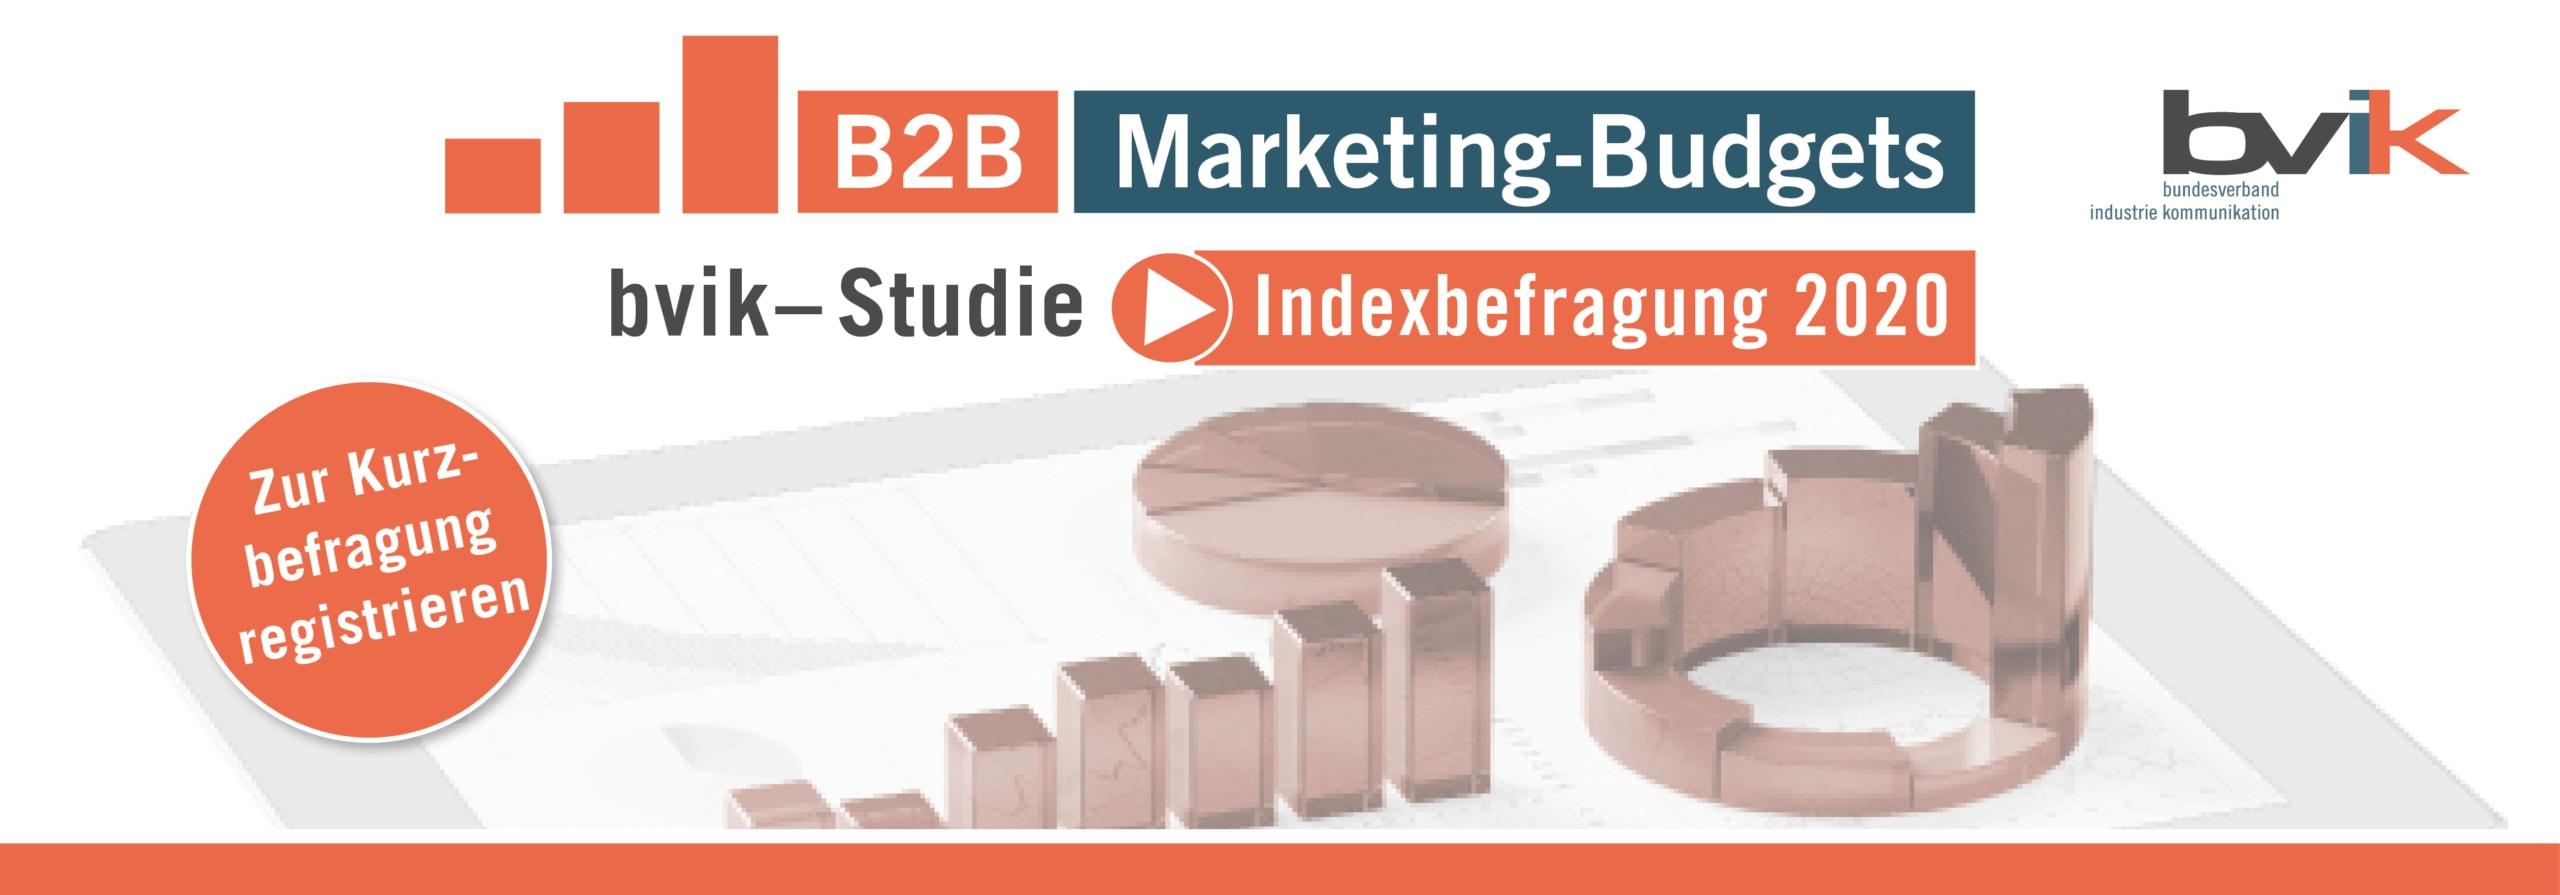 B2B-Marketing-Budgets - Jetzt zur Studie registrieren